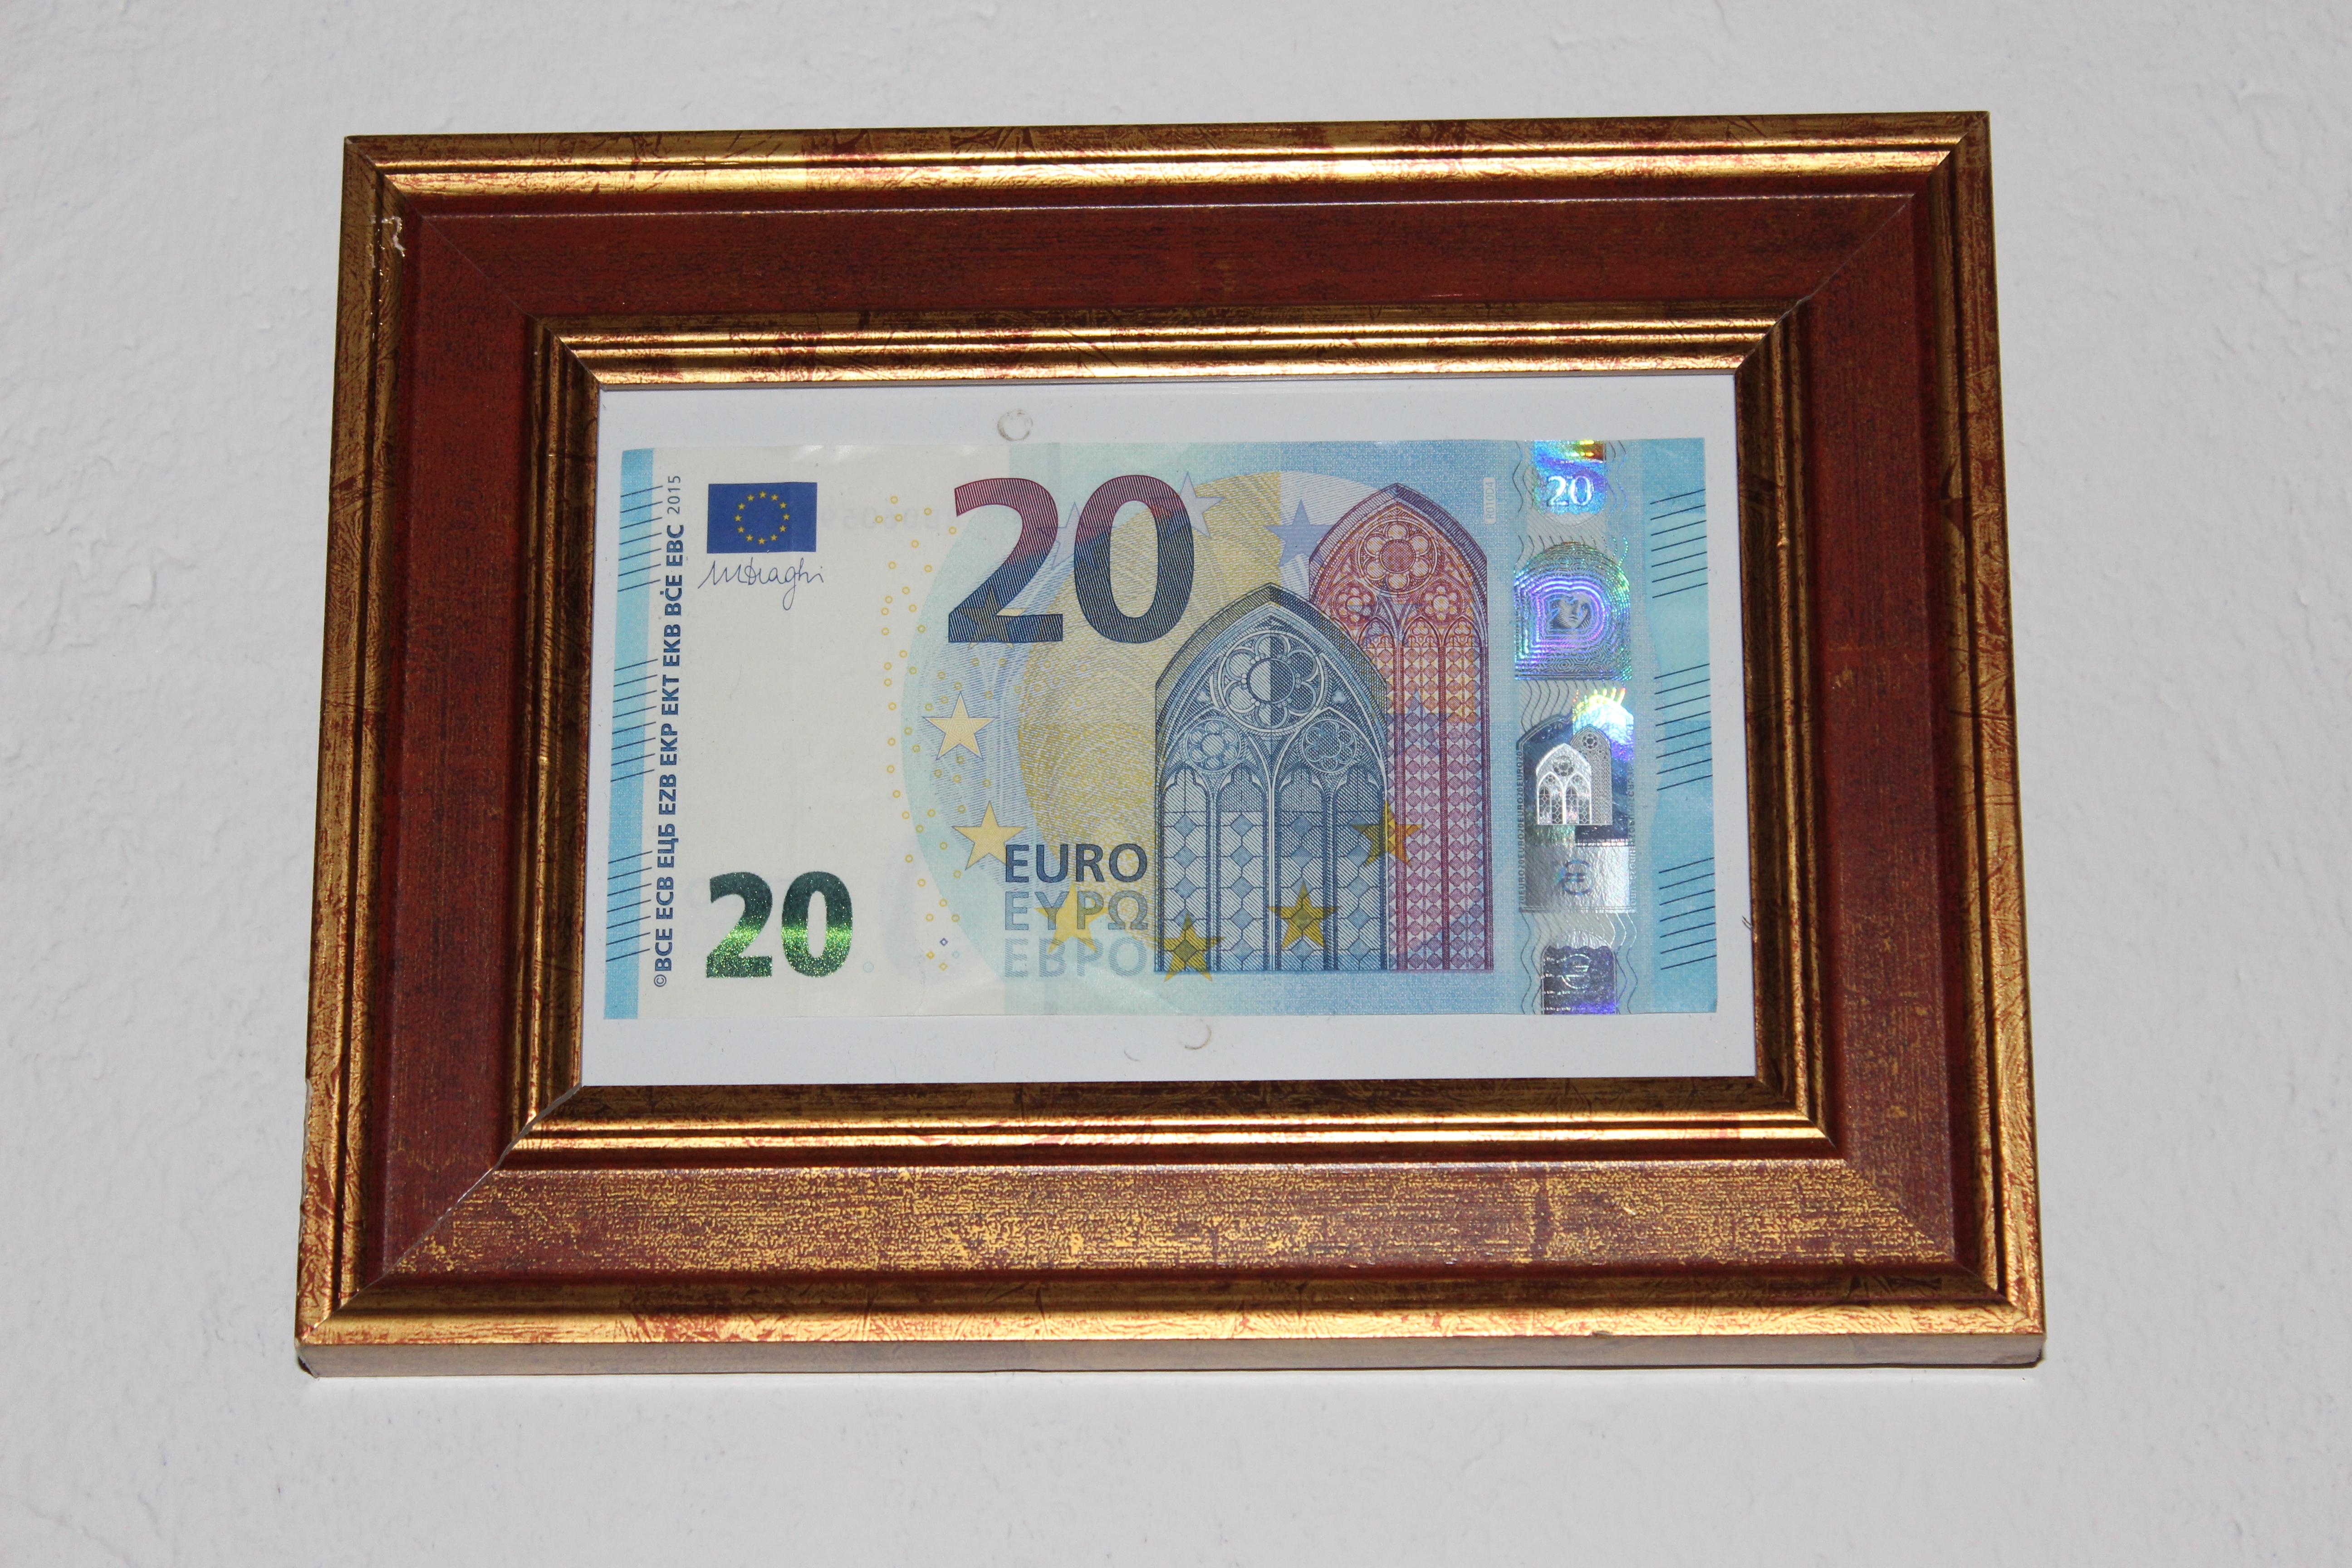 Geld im Bilderrahmen verschachtelt in 5 Kartons